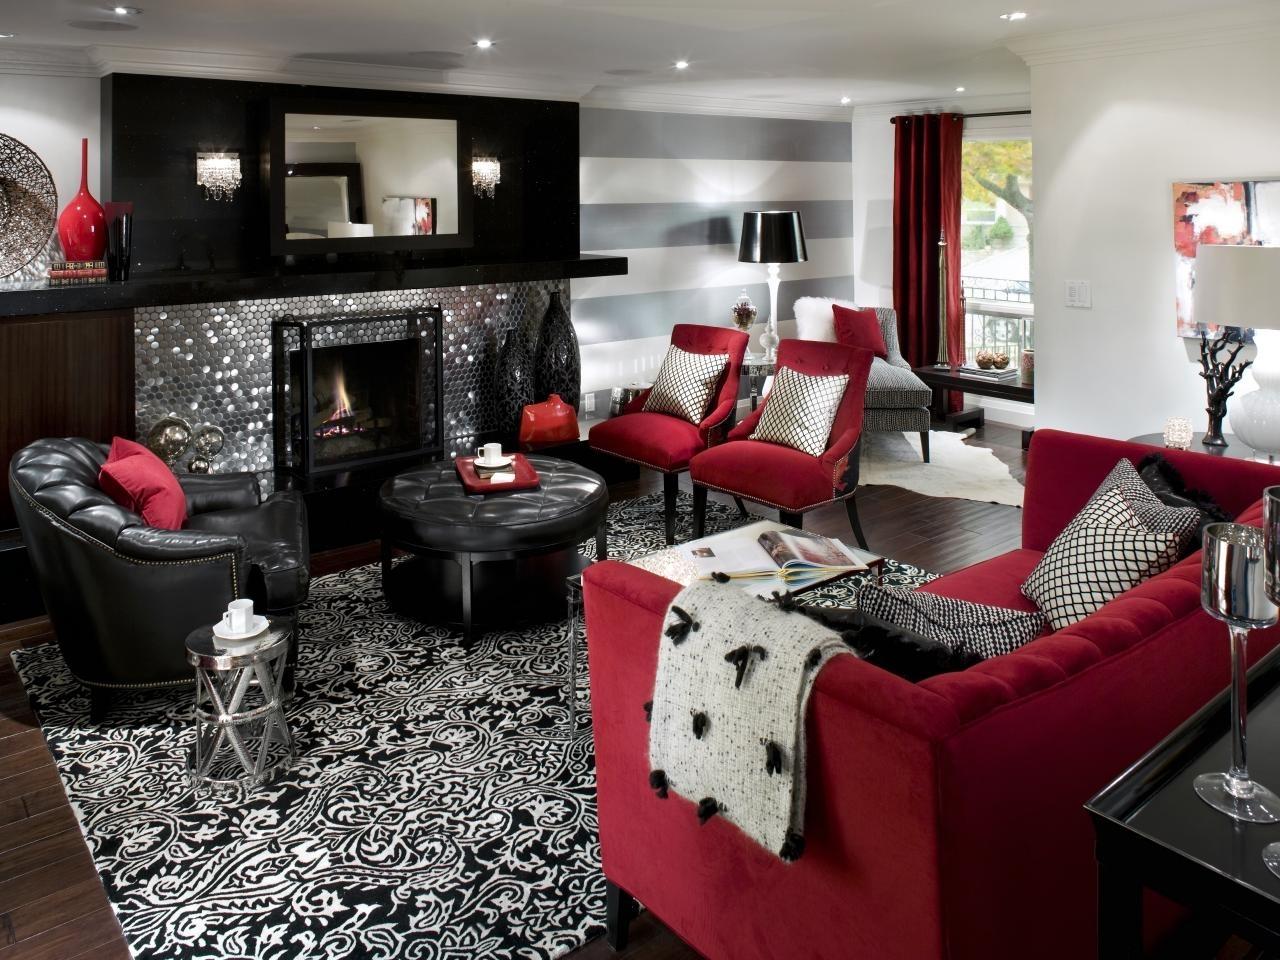 retro red, black and white family room | hgtv